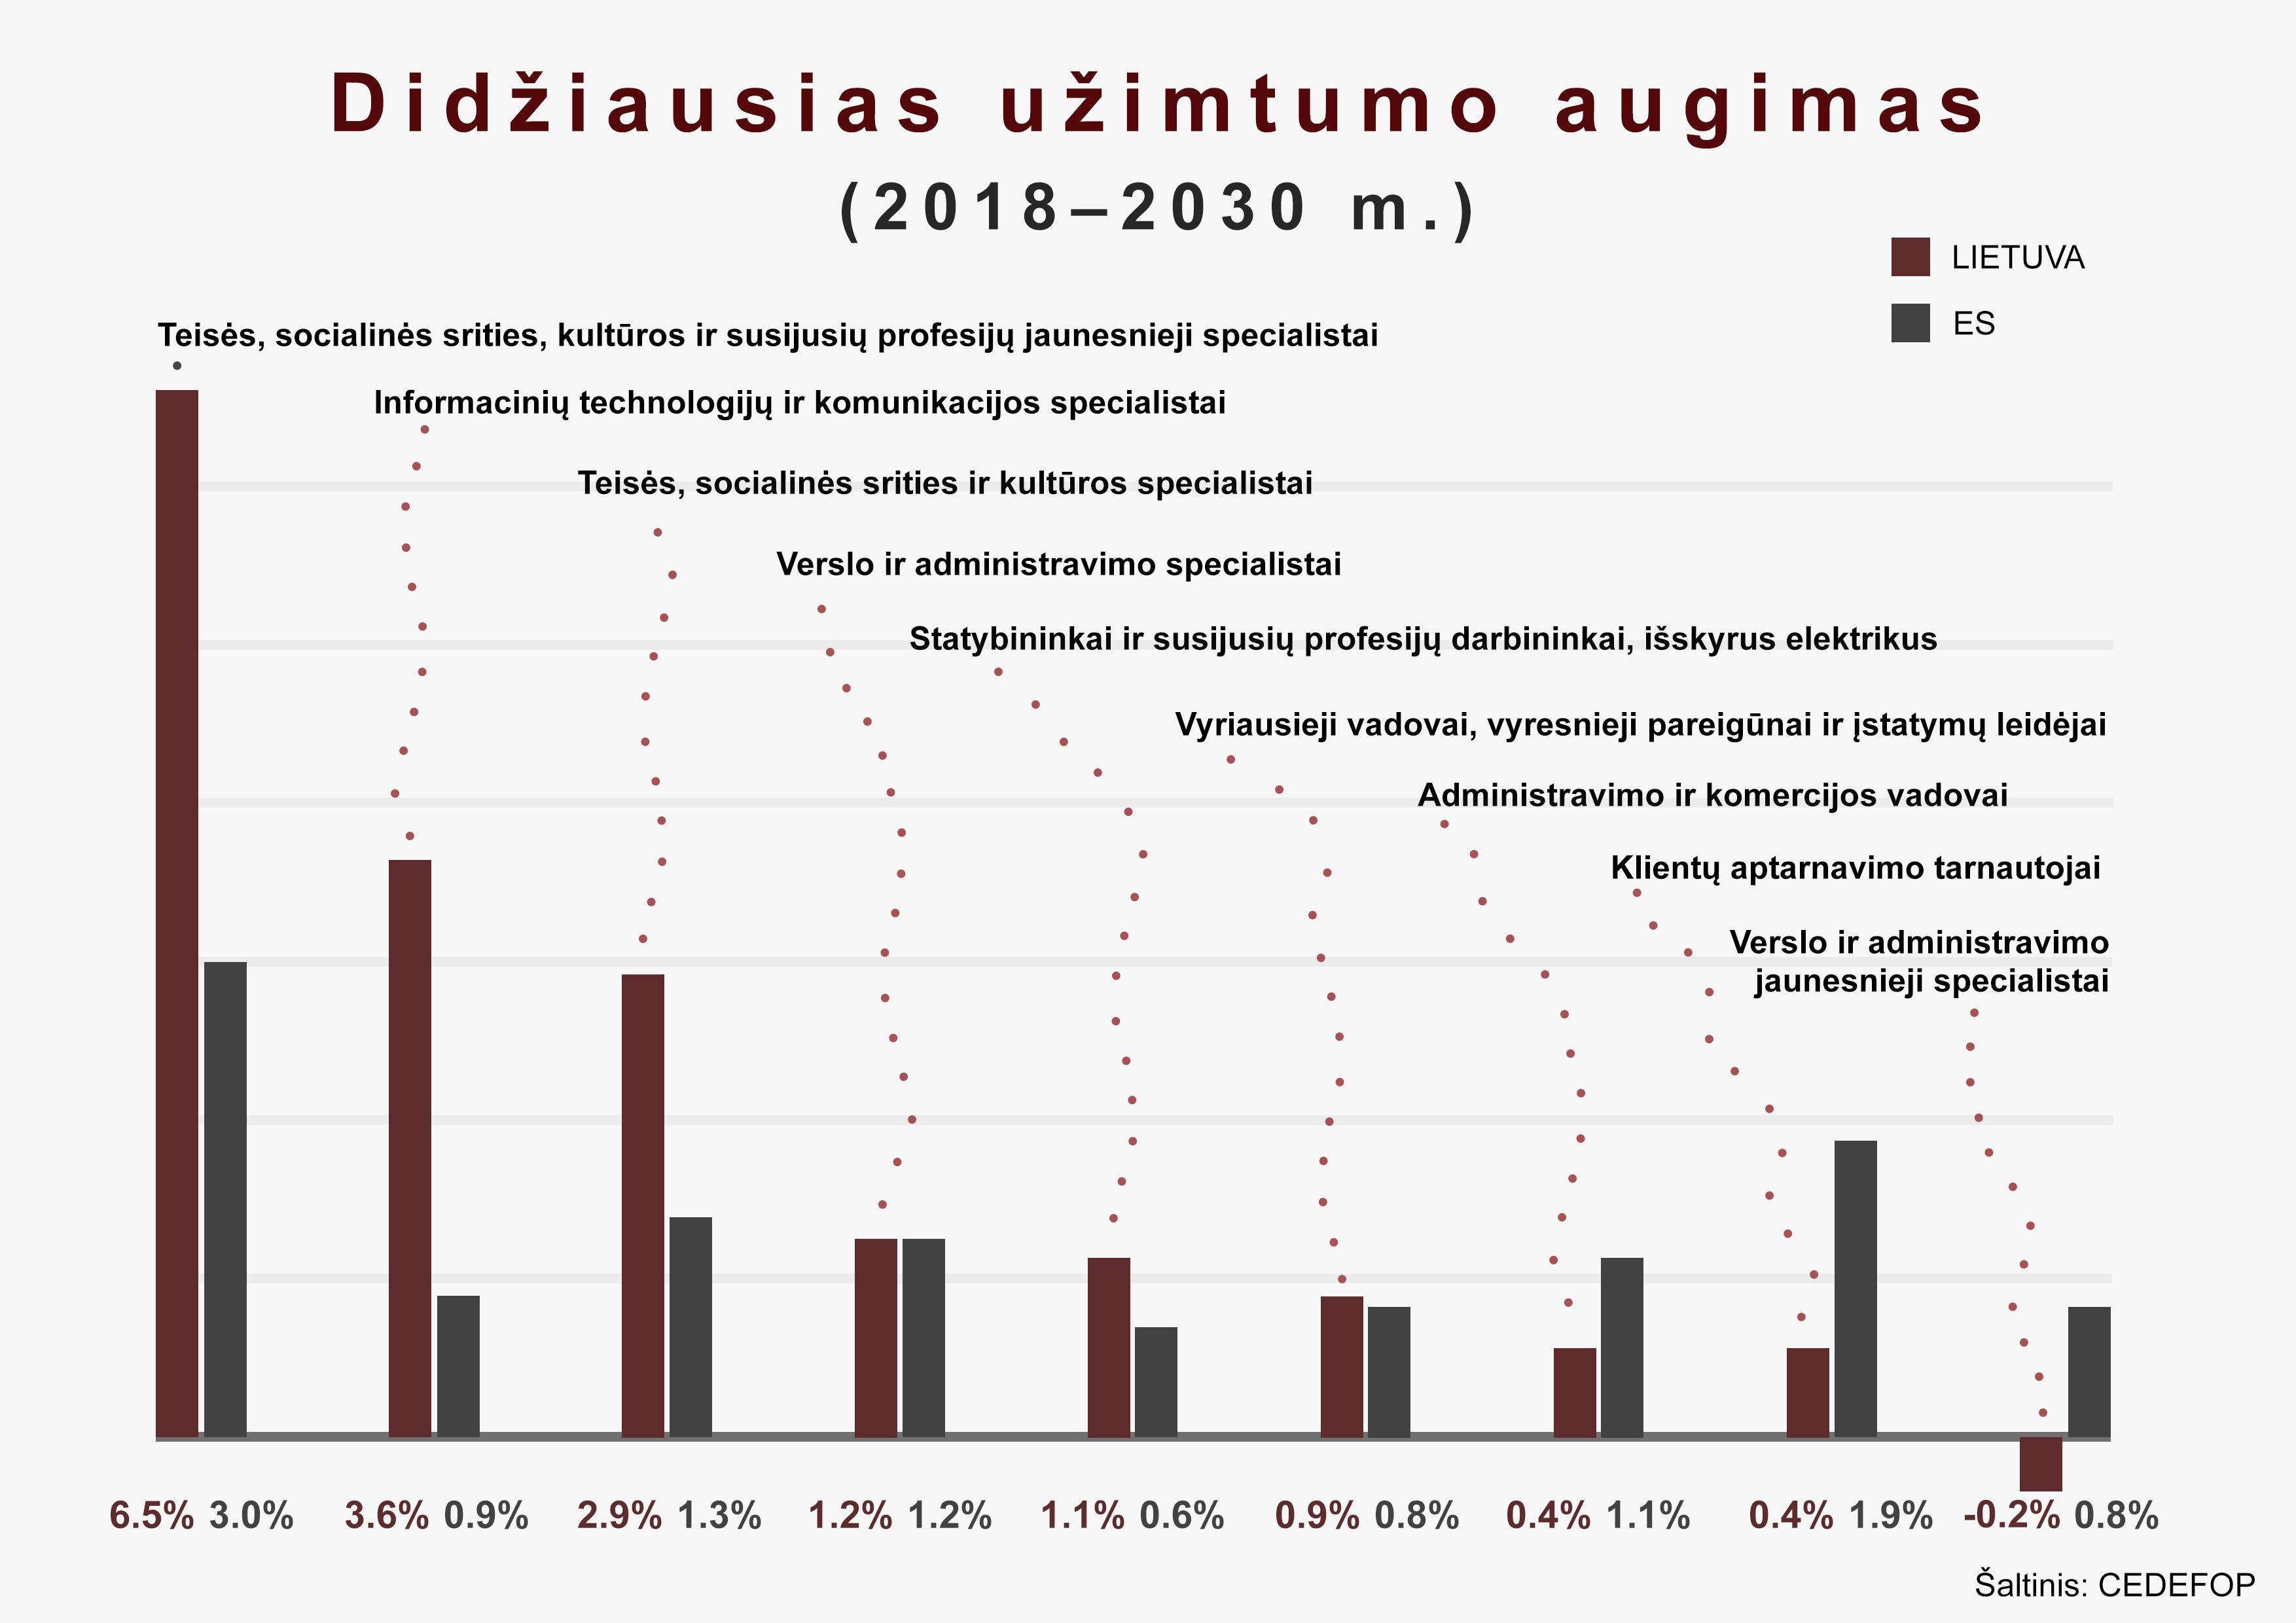 ES tyrimas, užimtumas | VDU nuotr.